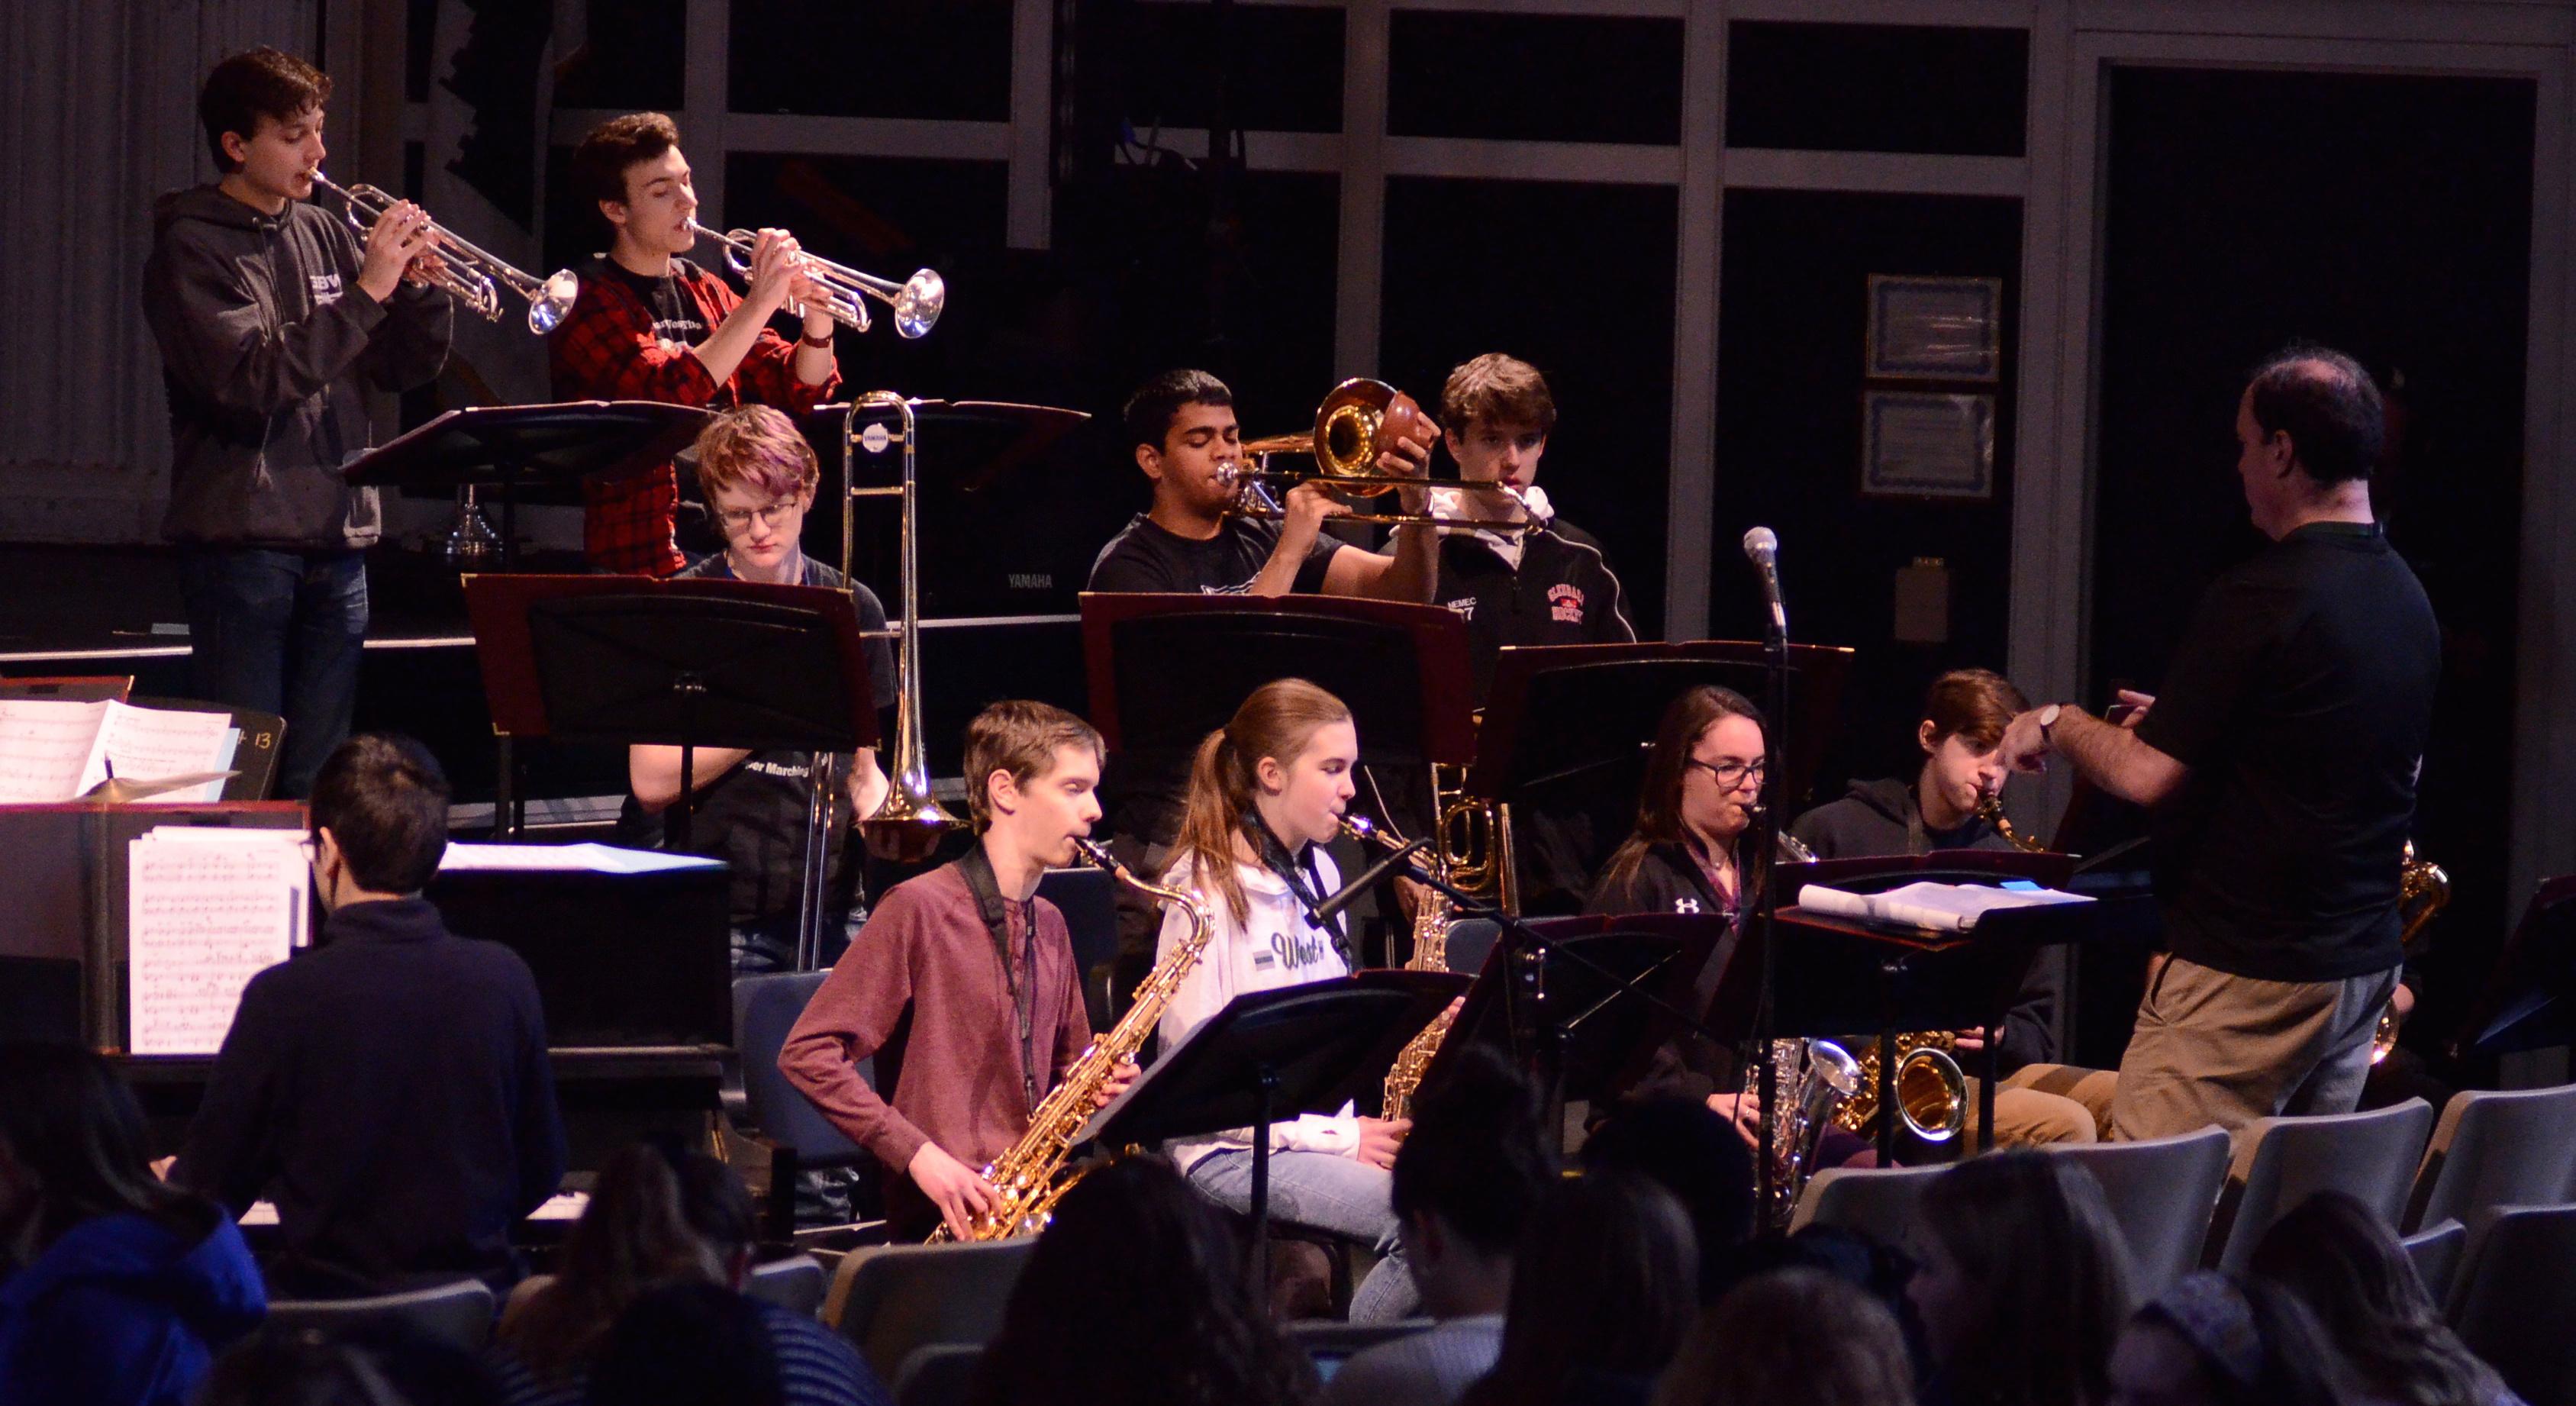 Glenbard West Jazz Band at the 2019 Performing Arts Convo.